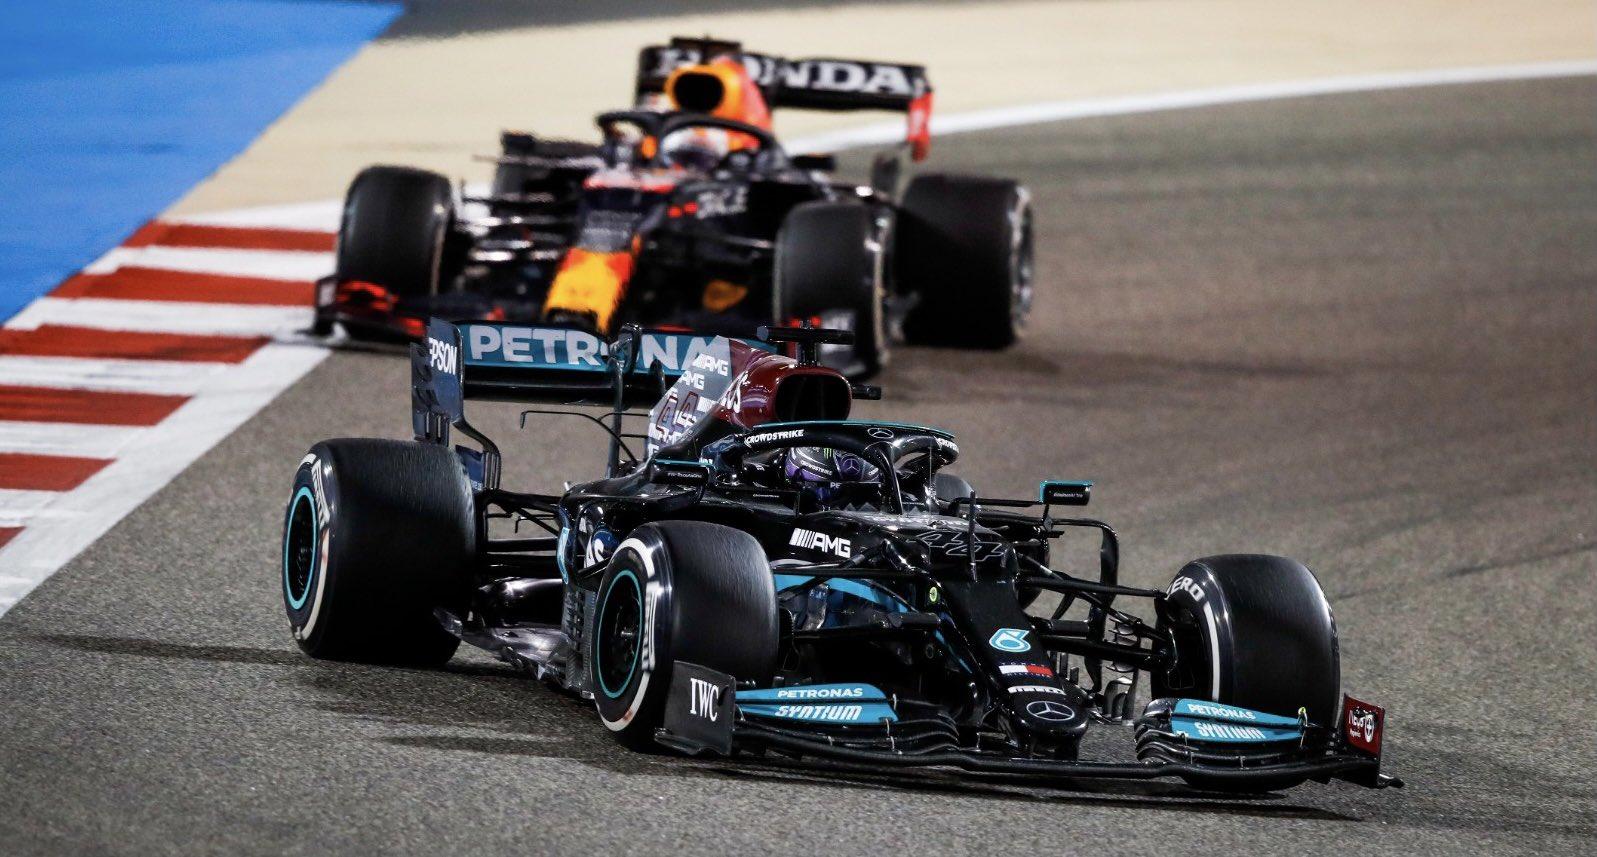 Vất vả vì bộ lốp xuống cấp ở bốn vòng cuối, nhưng Hamilton vẫn bảo toàn được vị trí thứ nhất bất chấp nỗ lực tấn công, áp sát của Verstappen từ phía sau. Ảnh: Formula 1